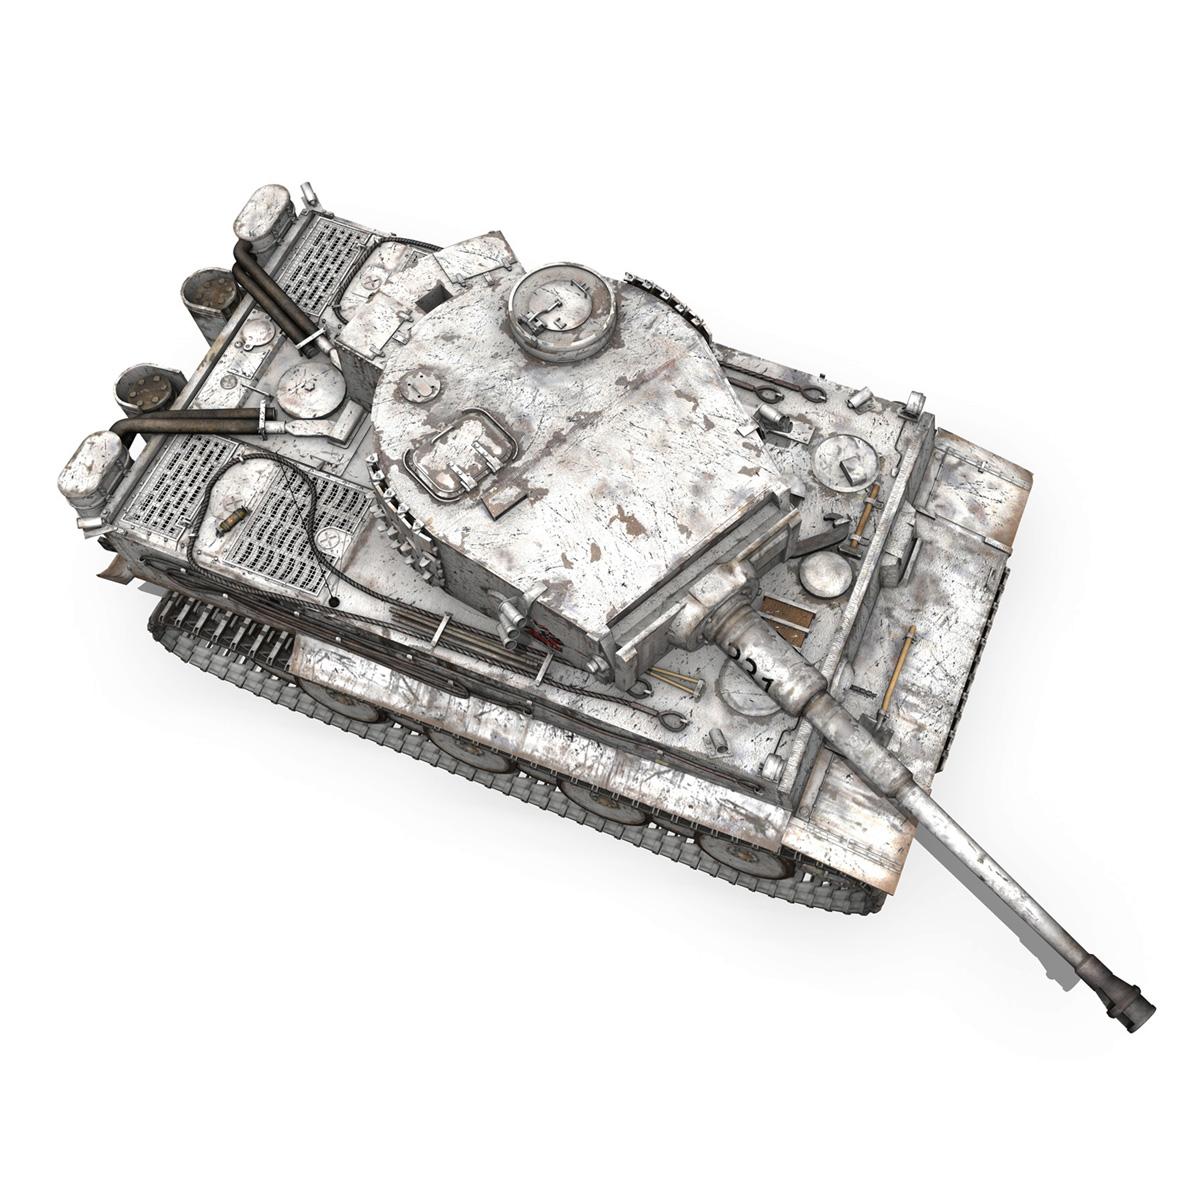 panzer vi – tiger – 231 – early production 3d model 3ds fbx c4d lwo obj 220729